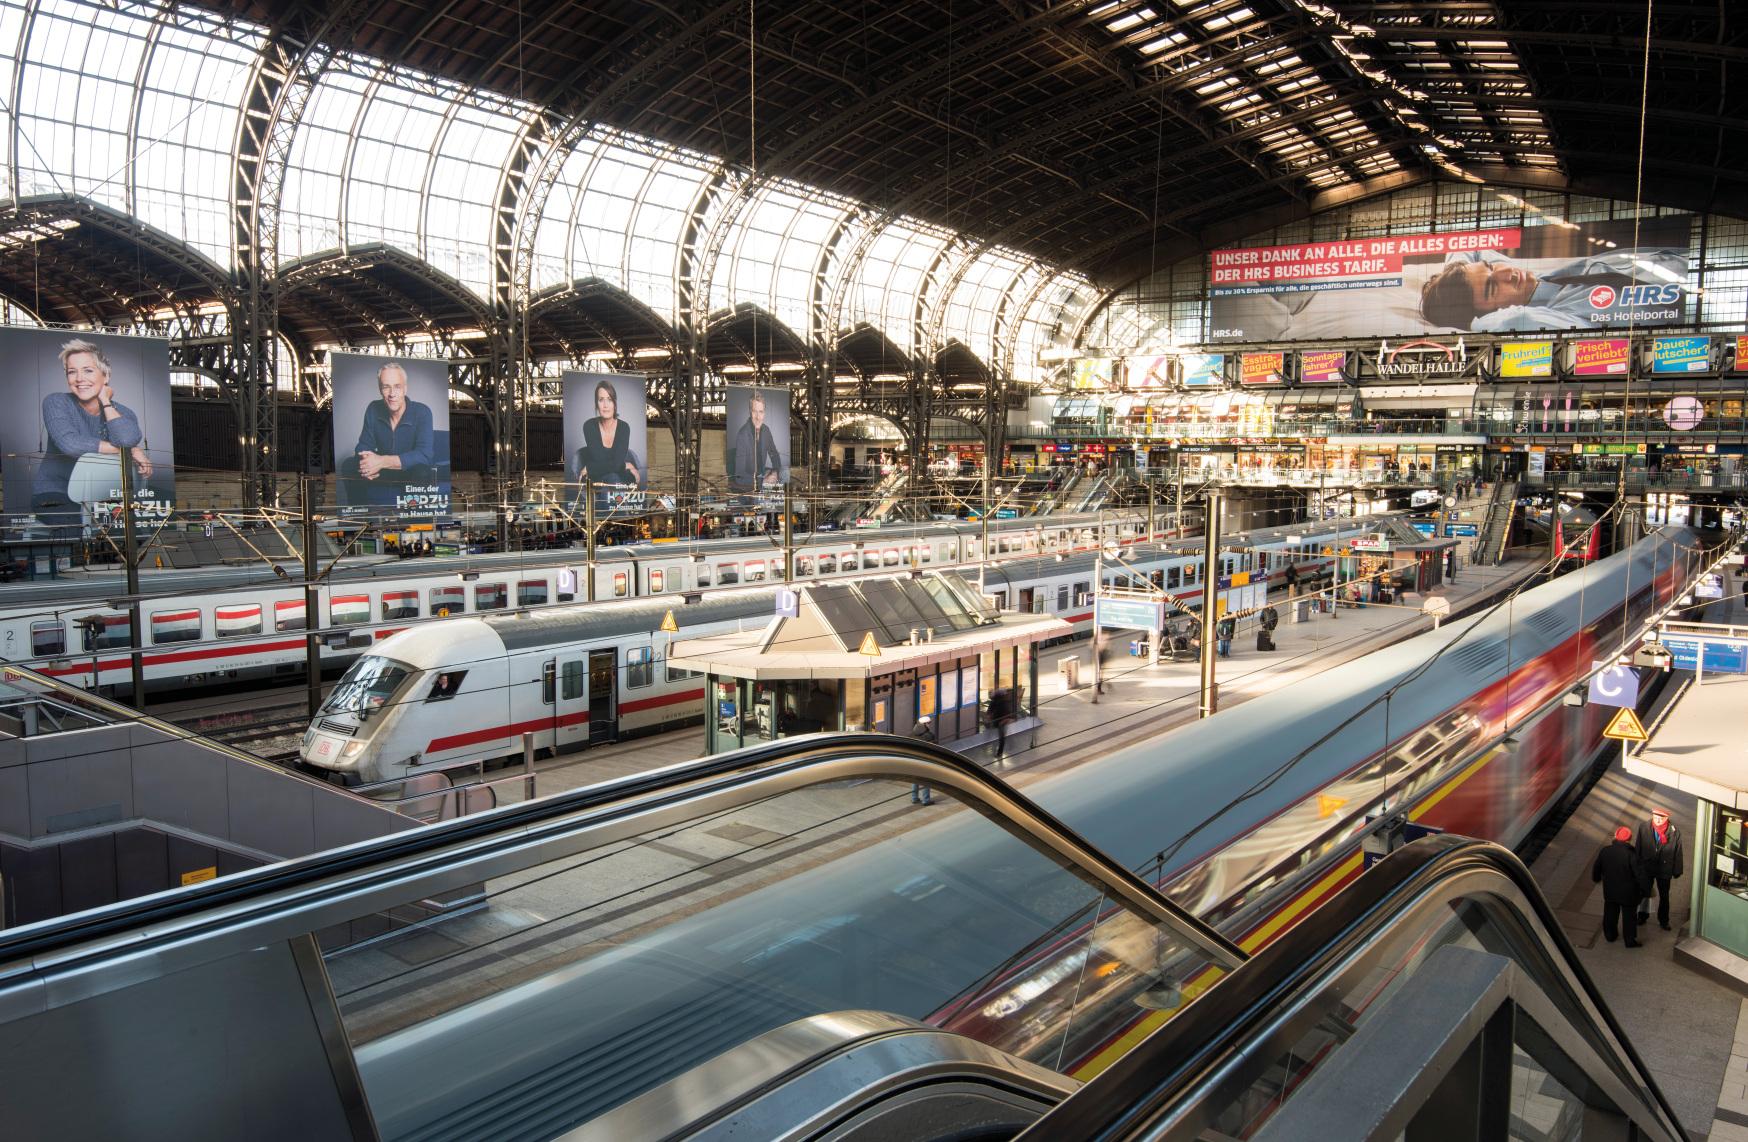 Wettbewert Hamburger Hauptbahnhof